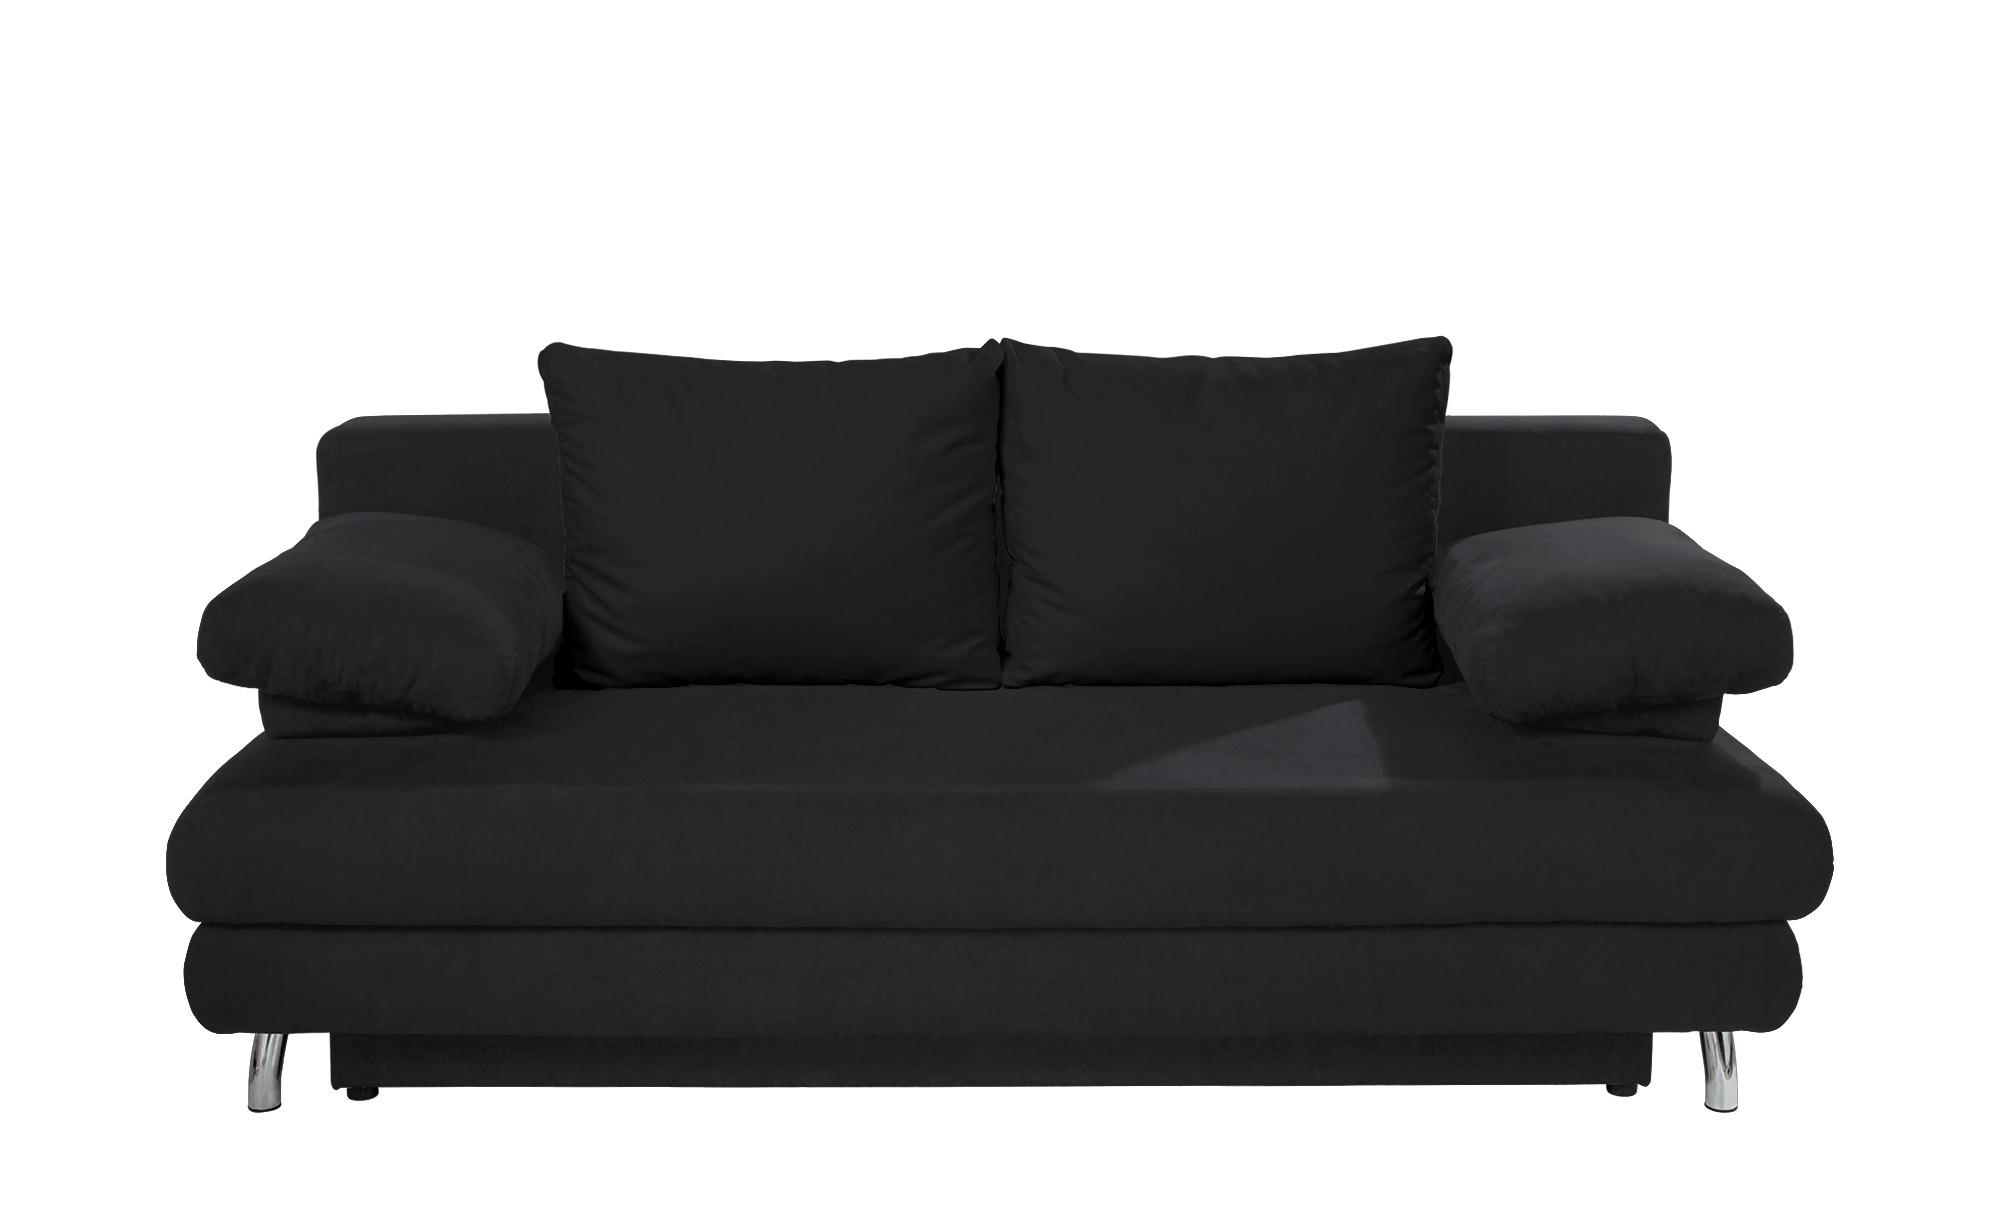 Schlafsofa schwarz - Webstoff Calina ¦ schwarz ¦ Maße (cm): B: 205 H: 80 T: 100 Polstermöbel > Sofas > 2-Sitzer - Höffner